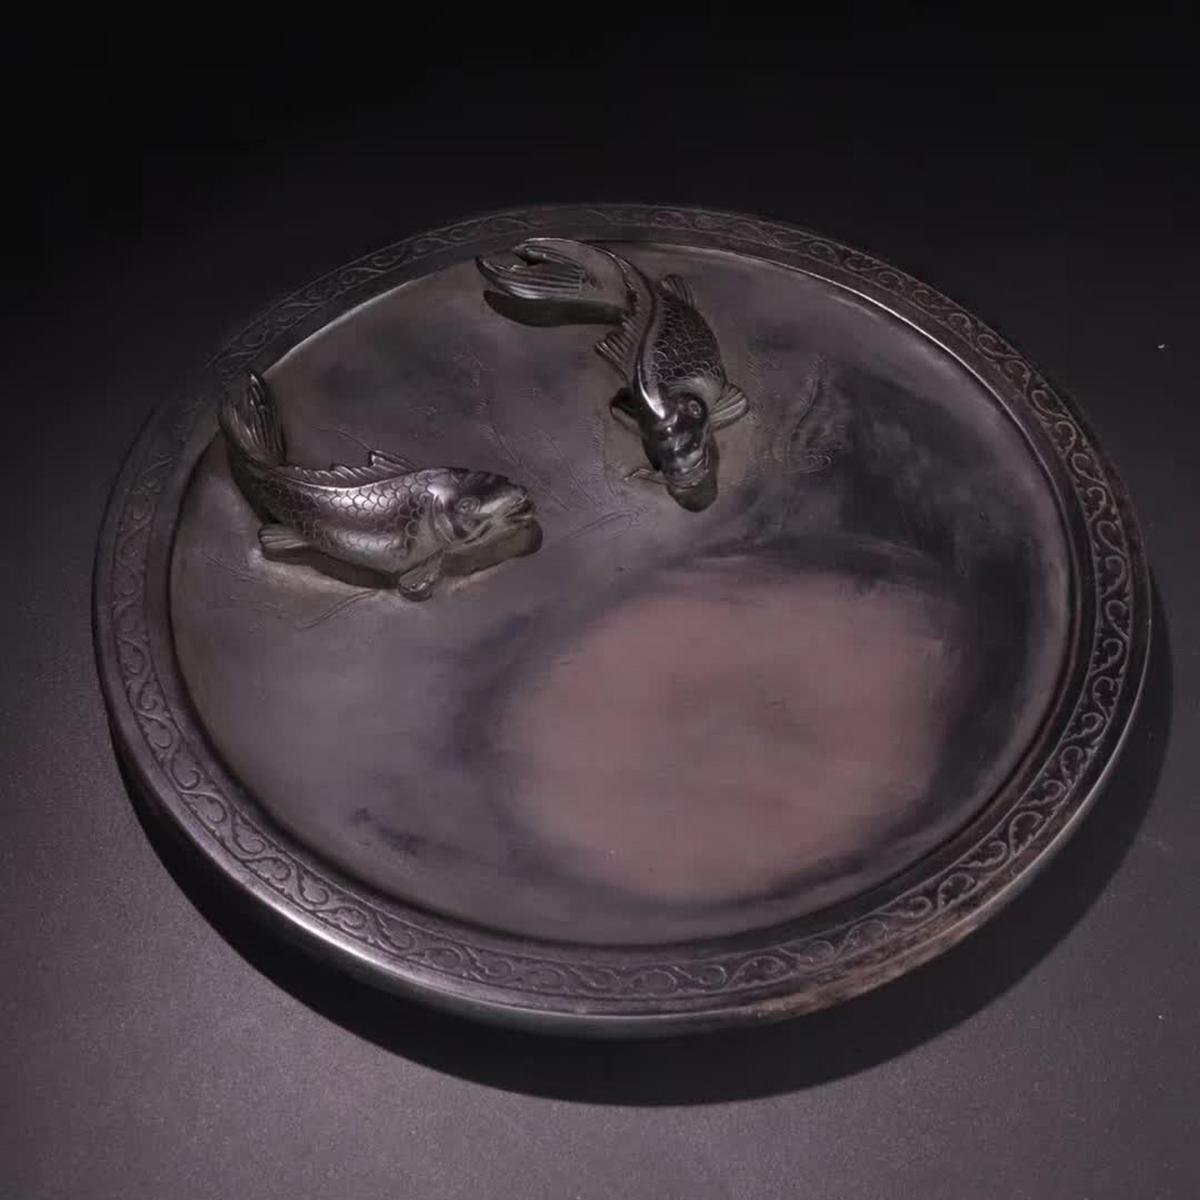 『端石「年年有余」文房硯』中国古董品 賞物 置物擺件 直径22cm 重さ1300g【B】